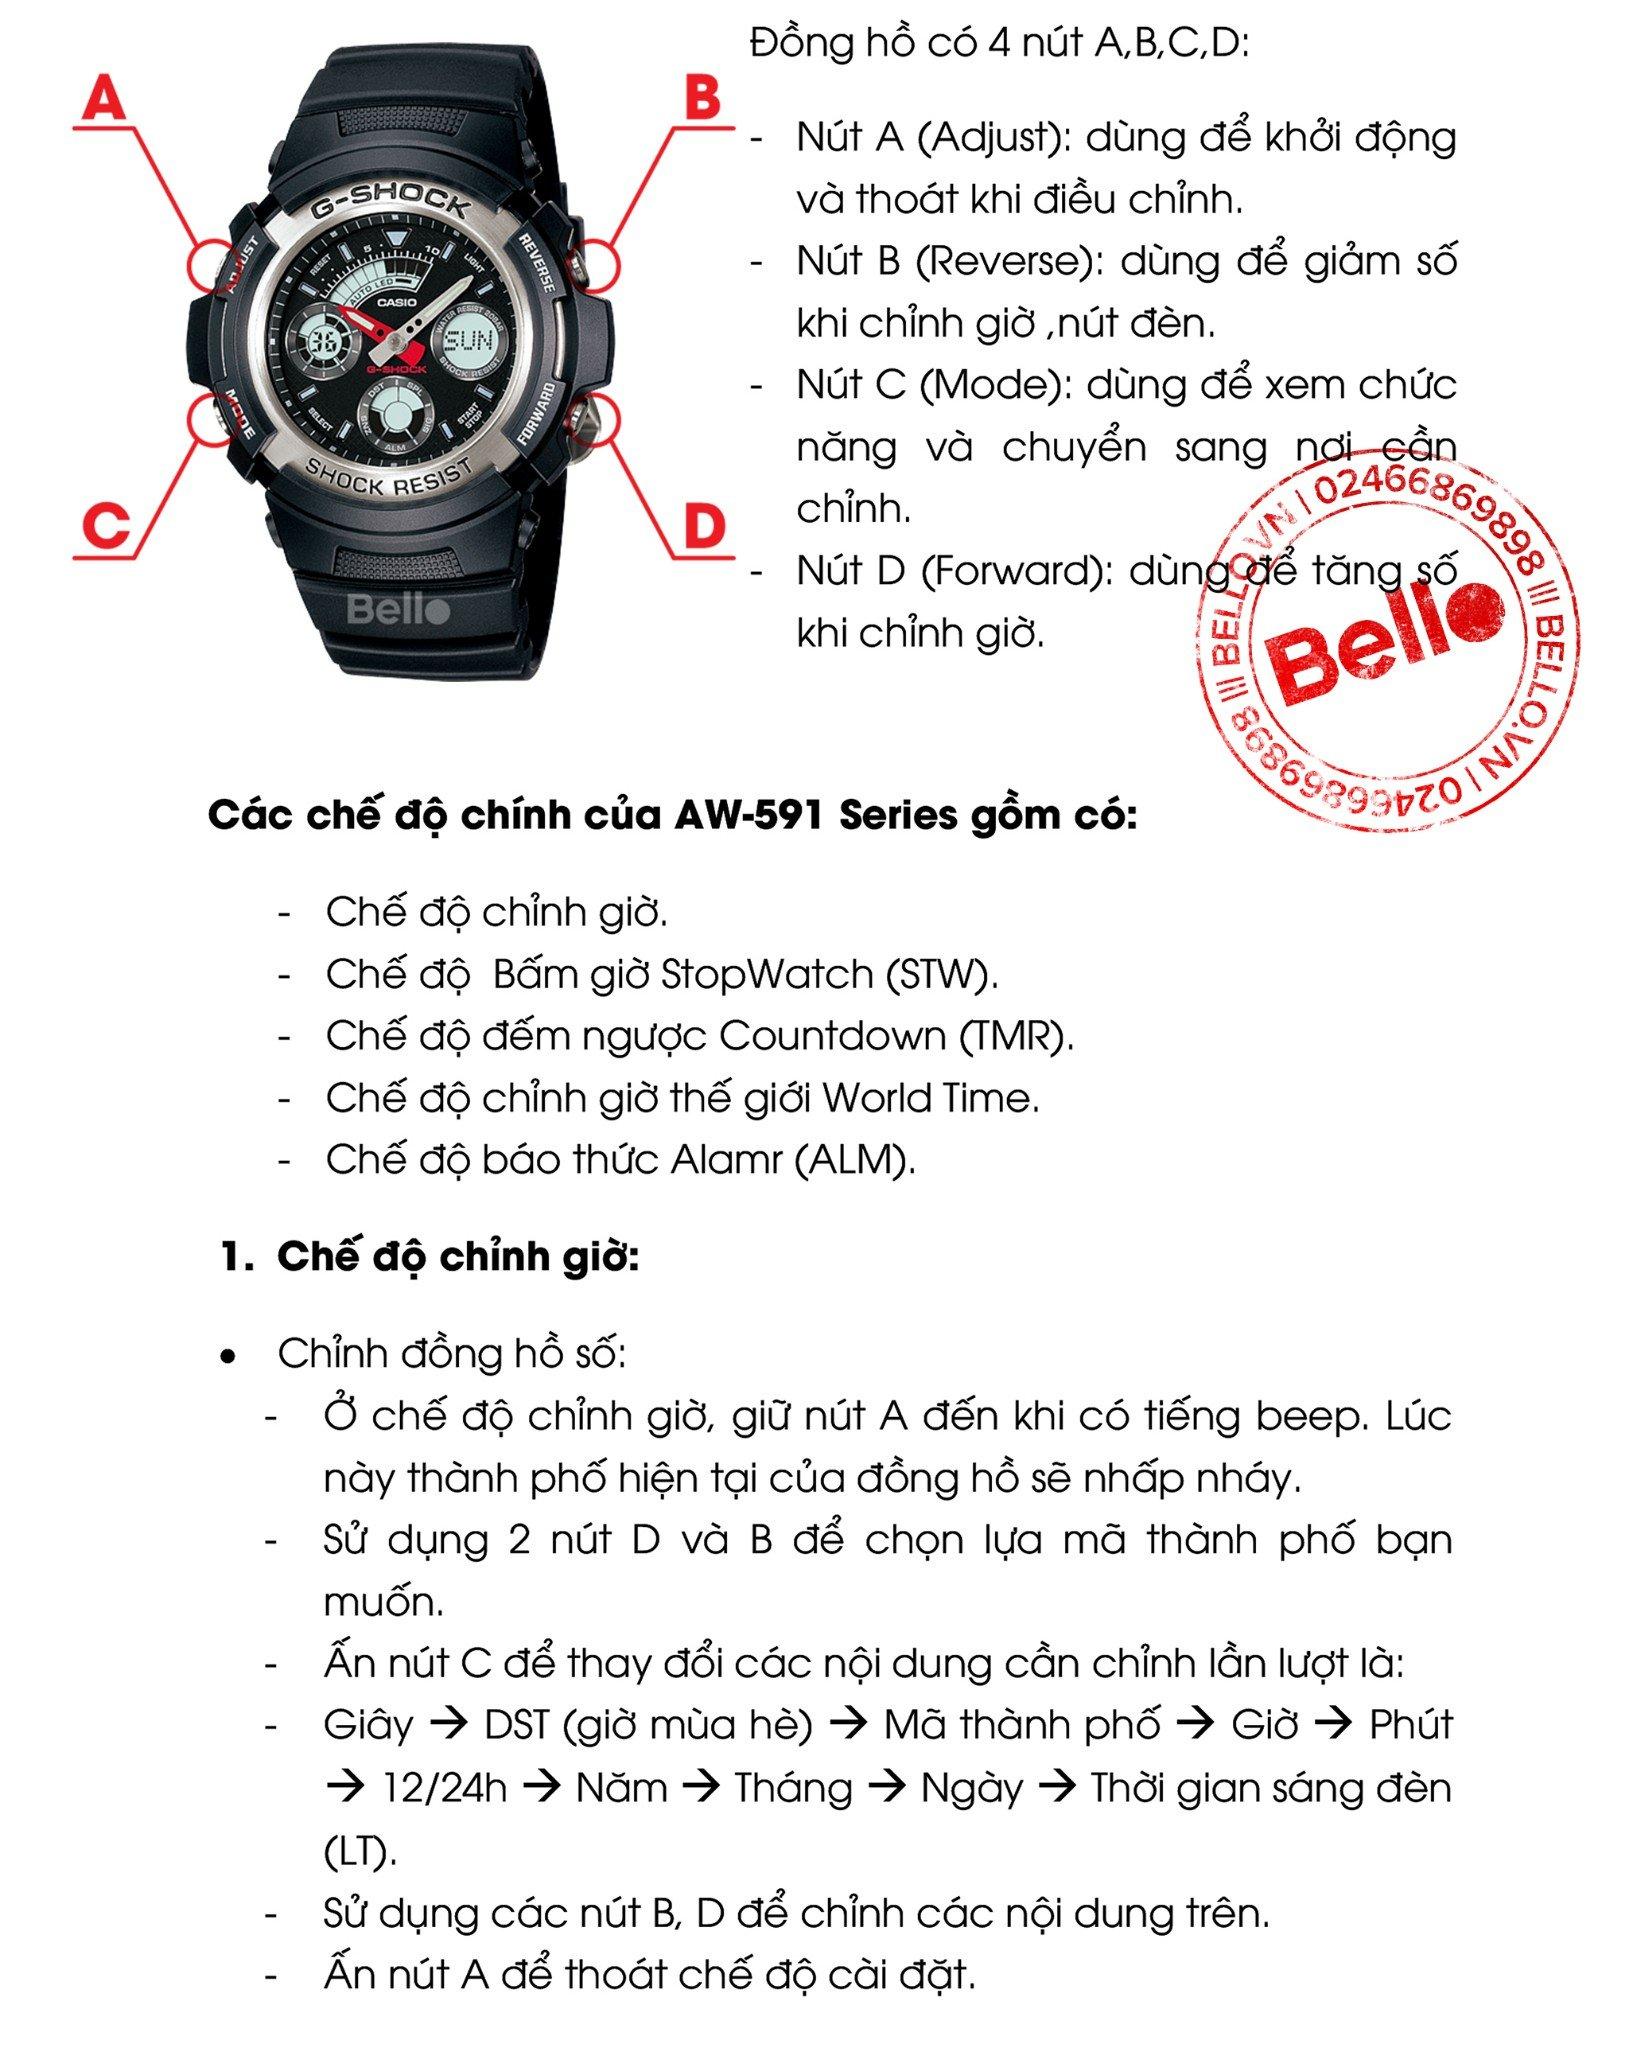 Hướng dẫn sử dụng đồng hồ Casio G-Shock AW-591 (Module 4778) -1